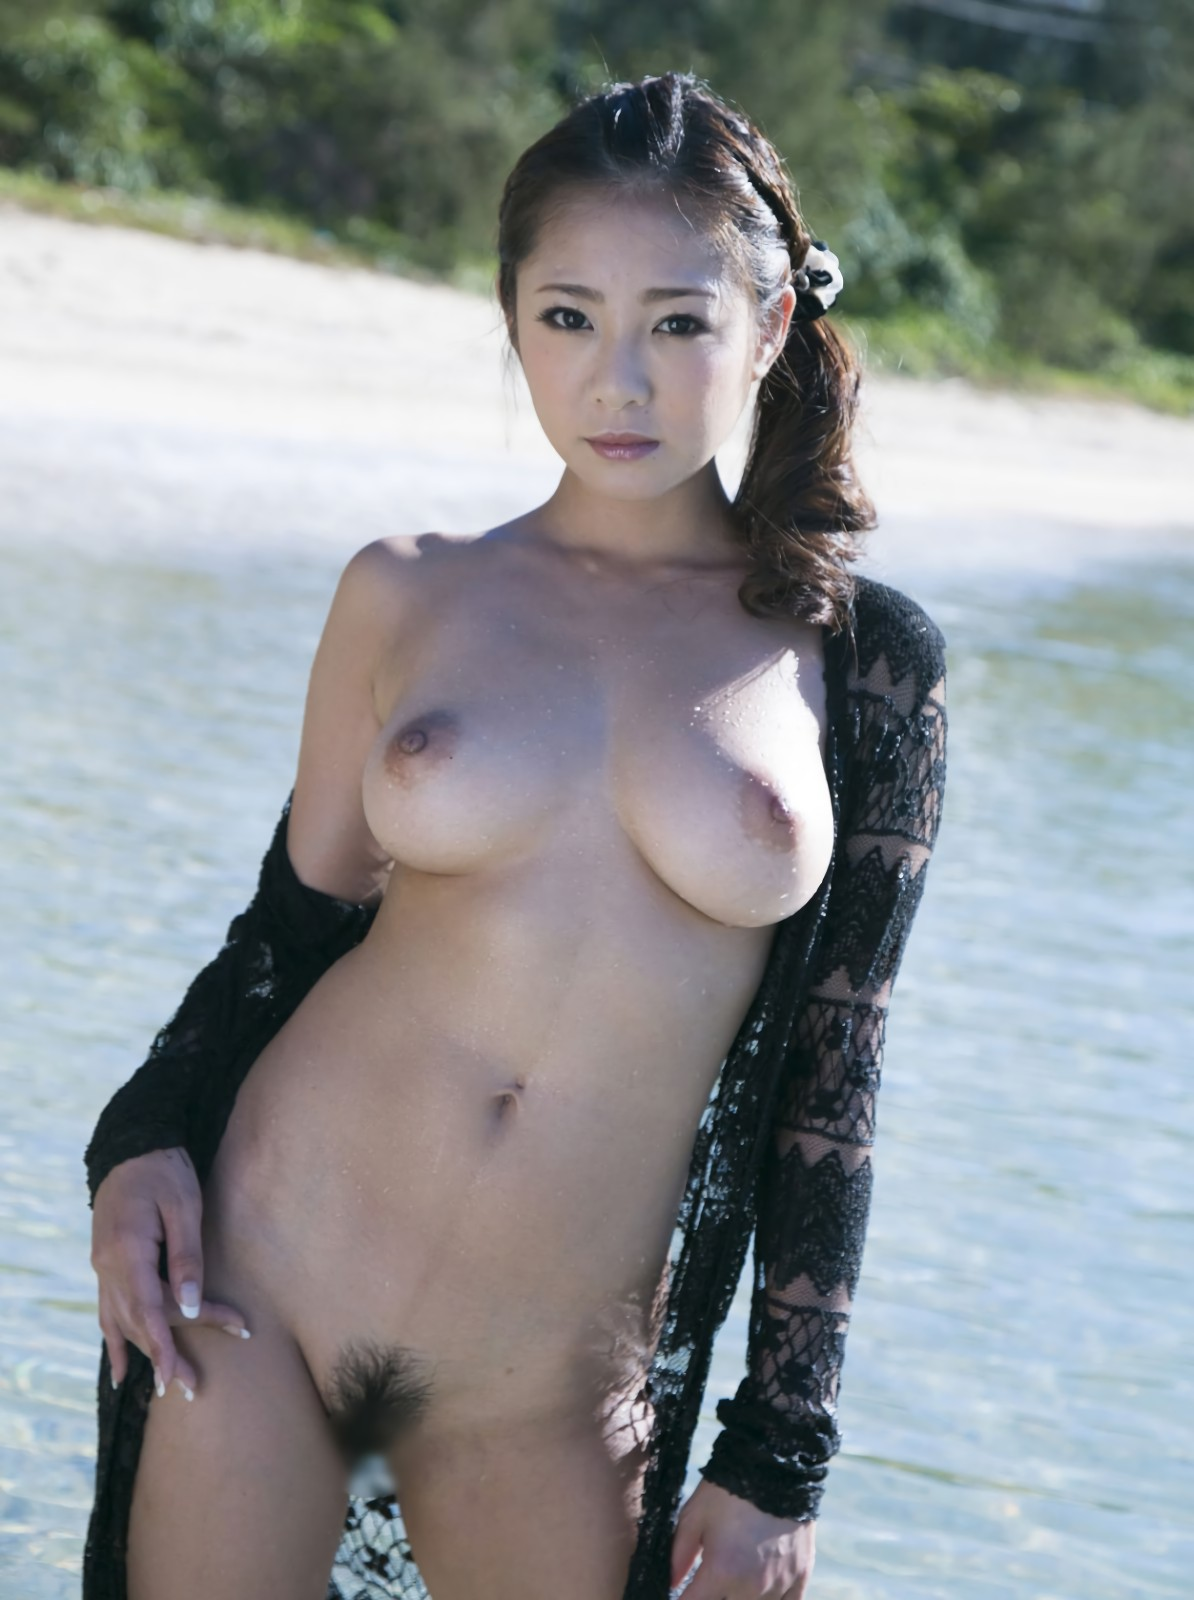 三次元 3次元 エロ画像 ビーチ ヌード 裸 野外 露出 羞恥  べっぴん娘通信 005